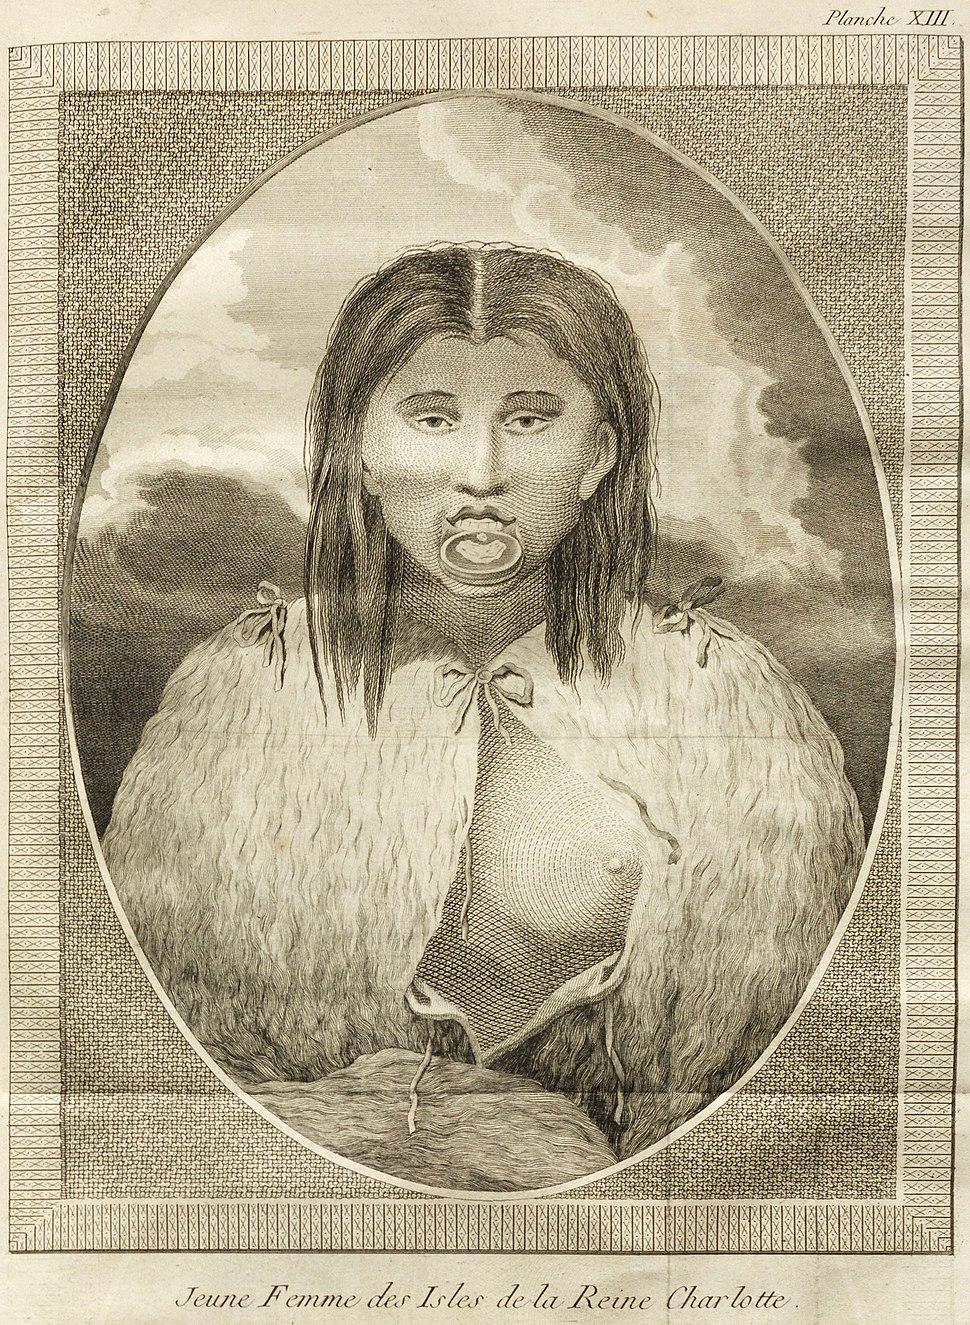 Voyage autour du monde - planche XIII - Jeune Femme des Isles de la Reine Charlotte